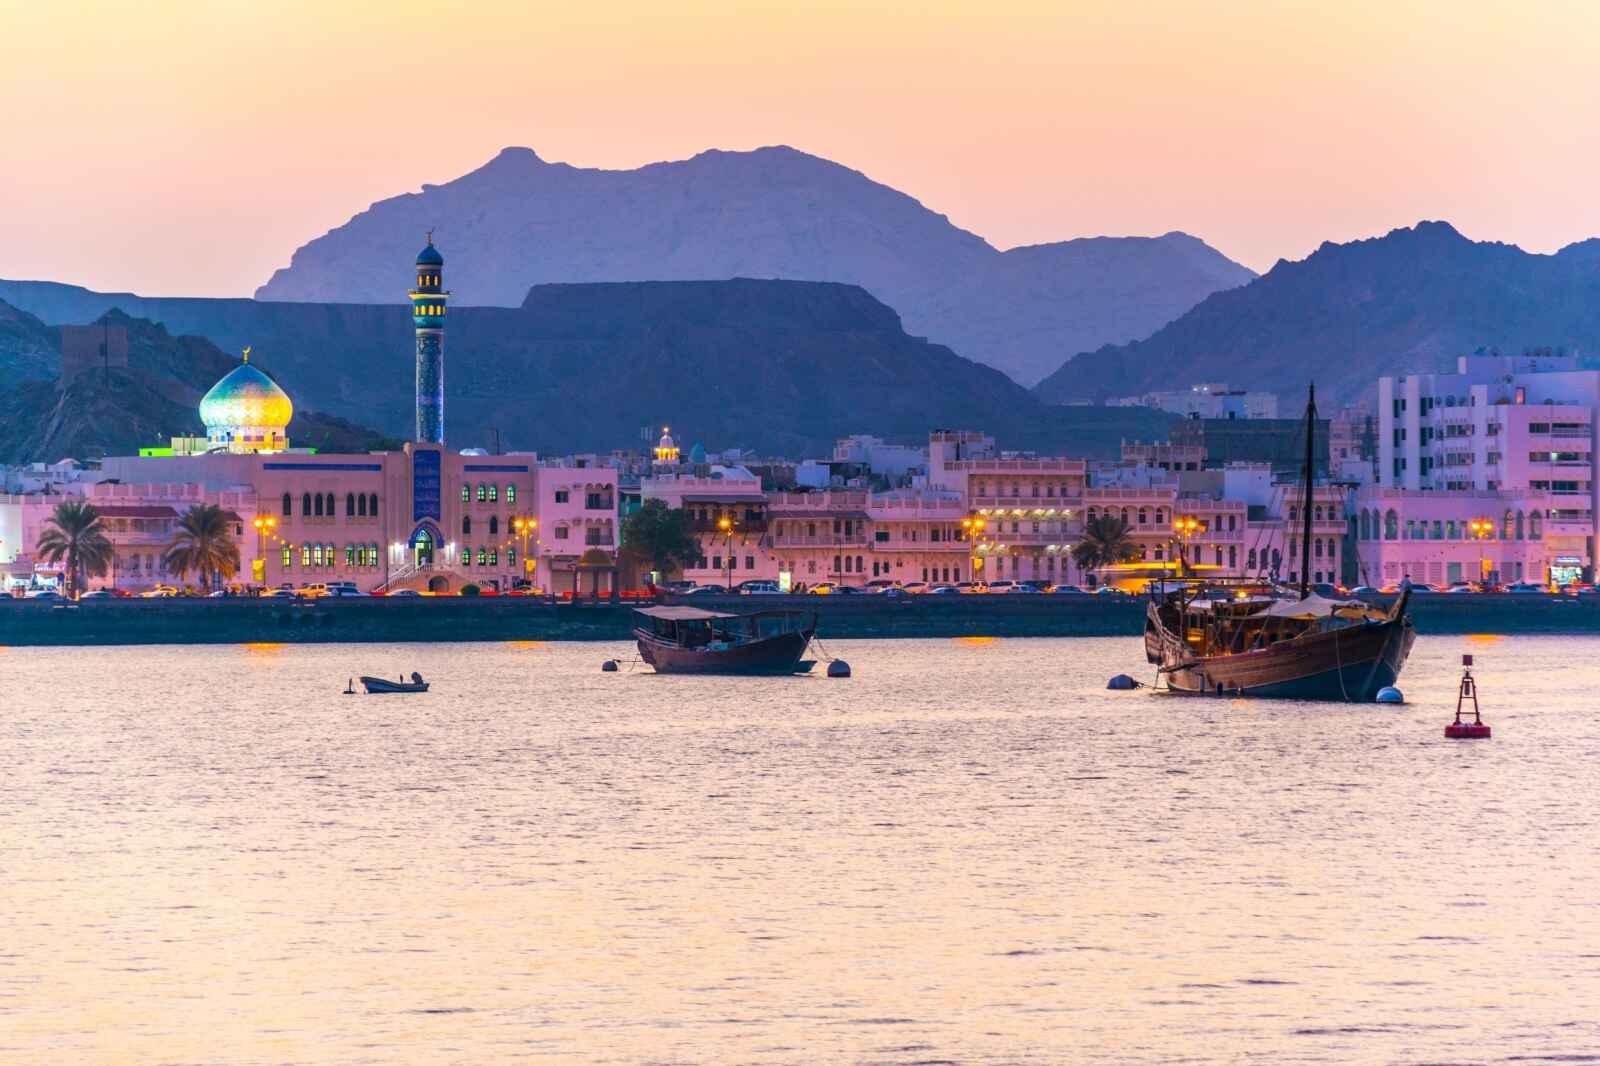 Oman : Sultanat millénaire, émirats futuristes 2022